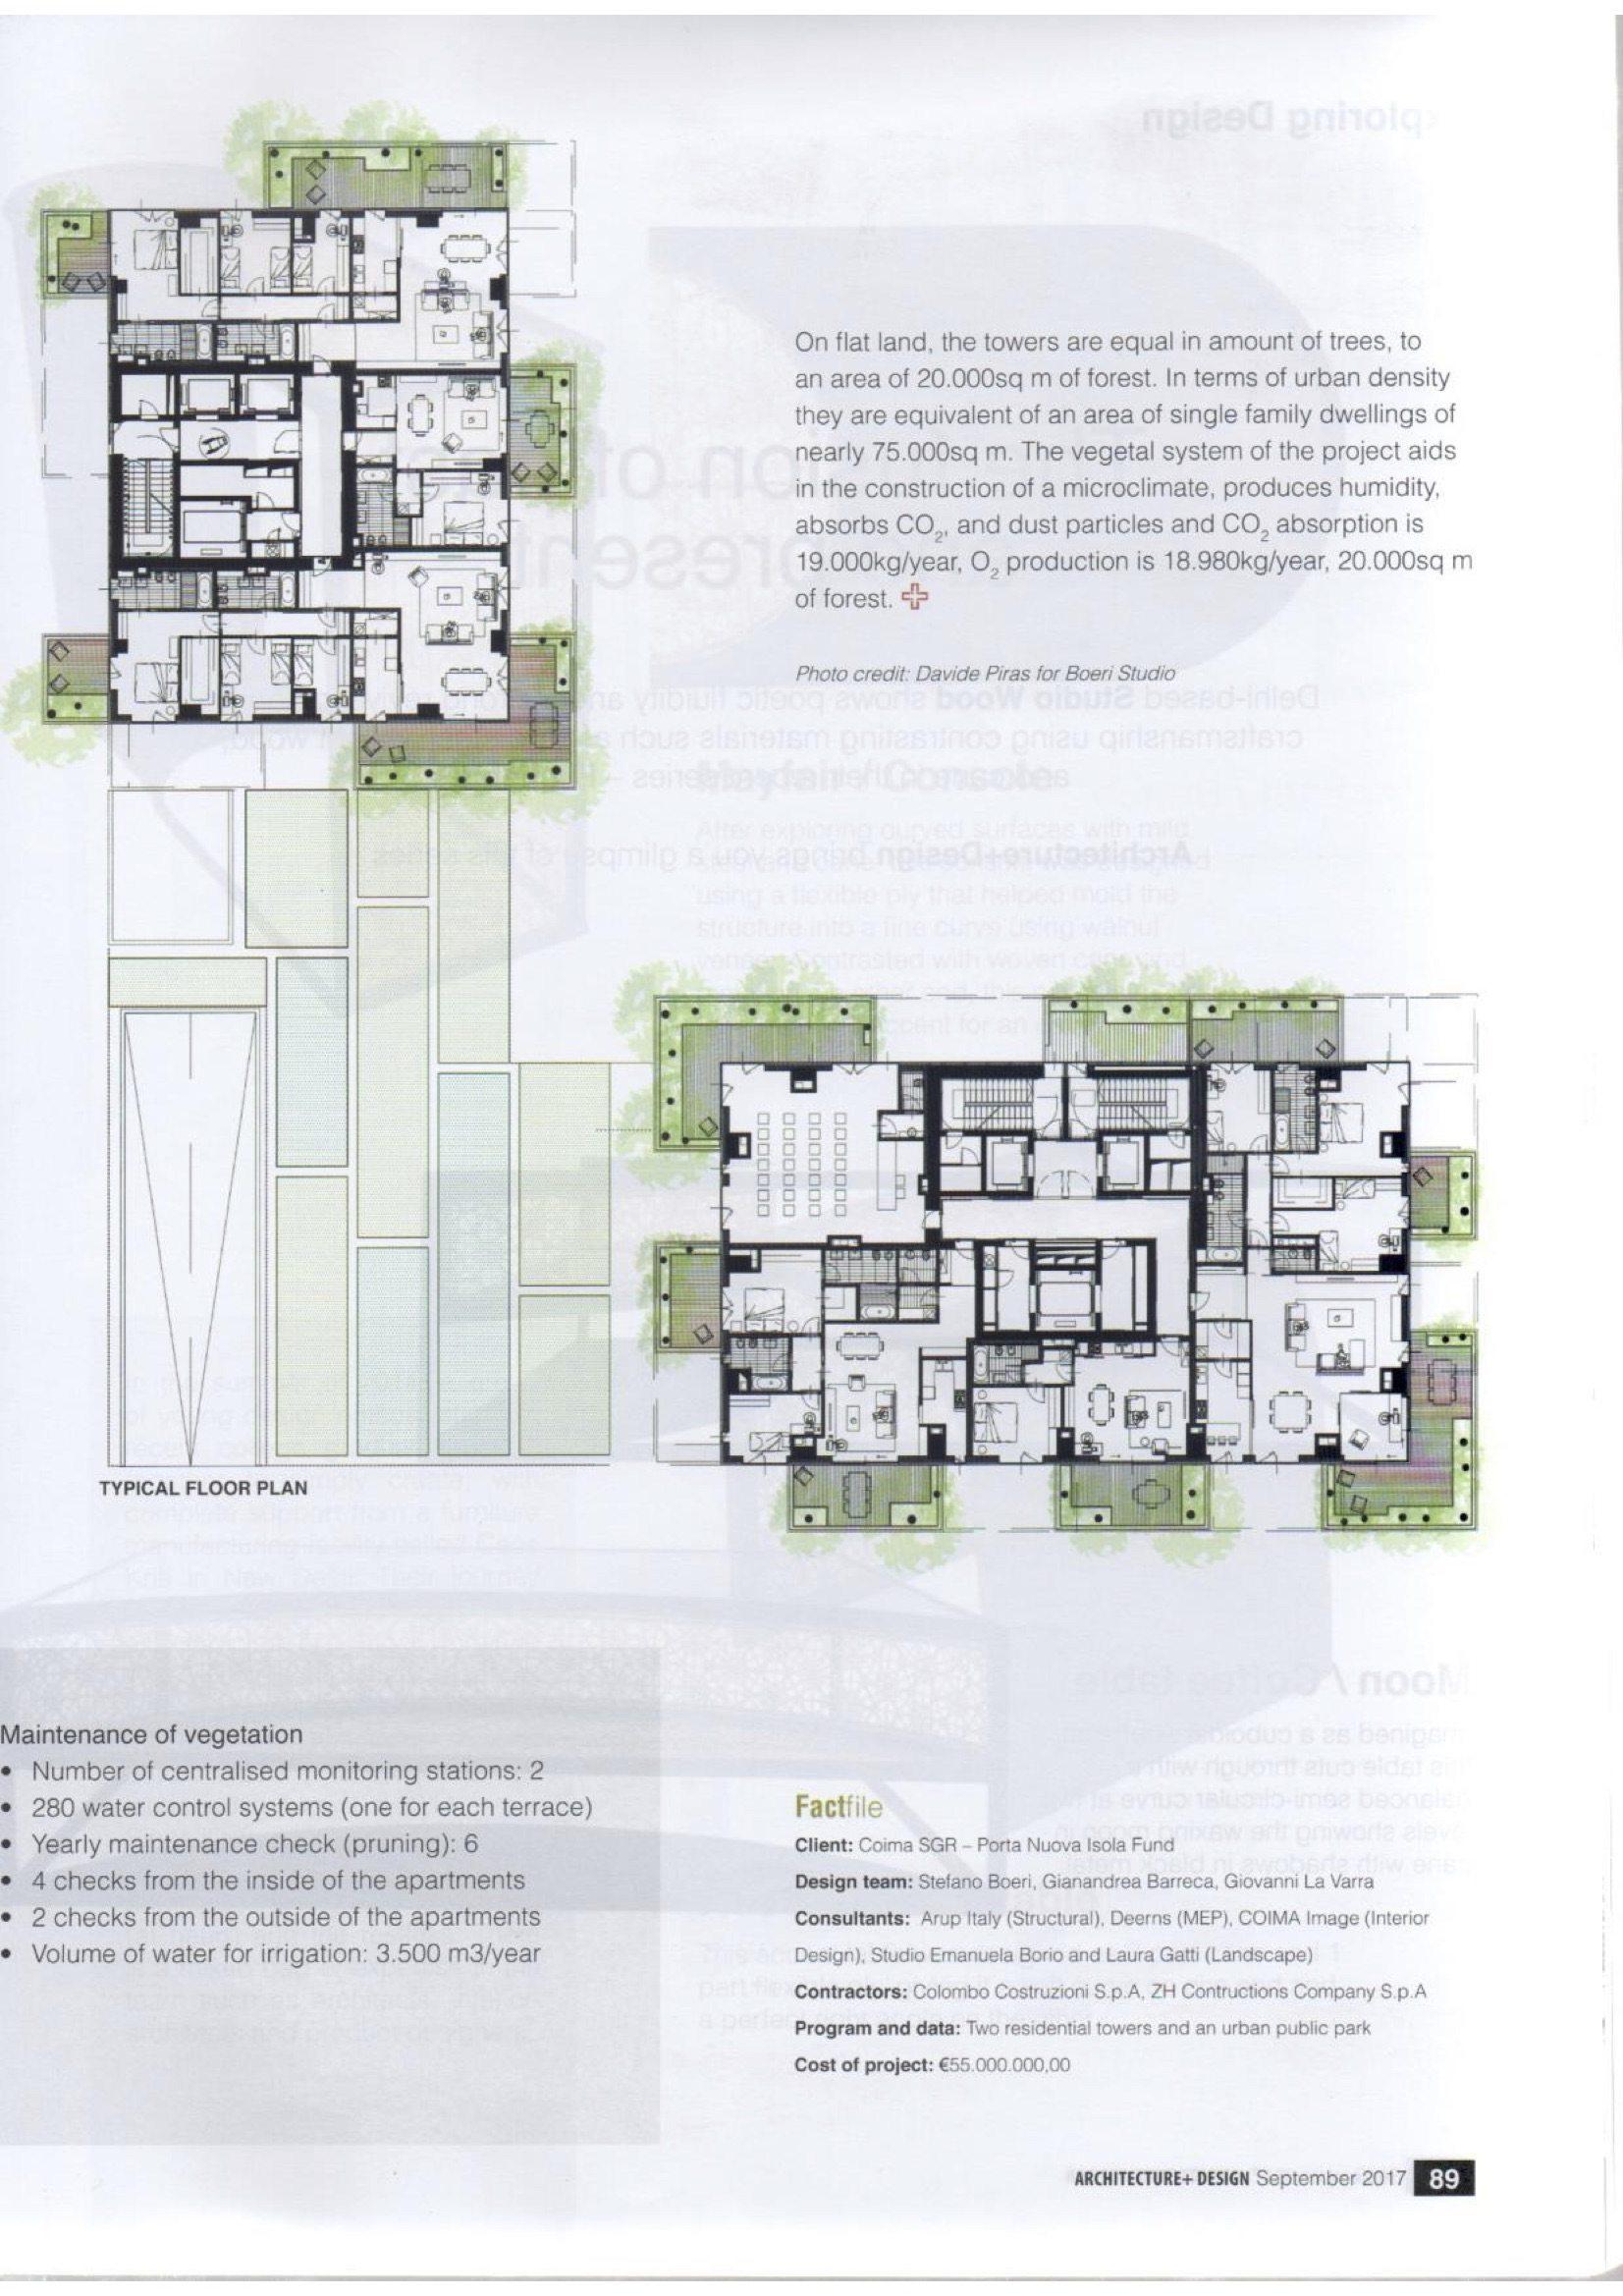 architecture design india the vertical forest stefano boeri architetti. Black Bedroom Furniture Sets. Home Design Ideas